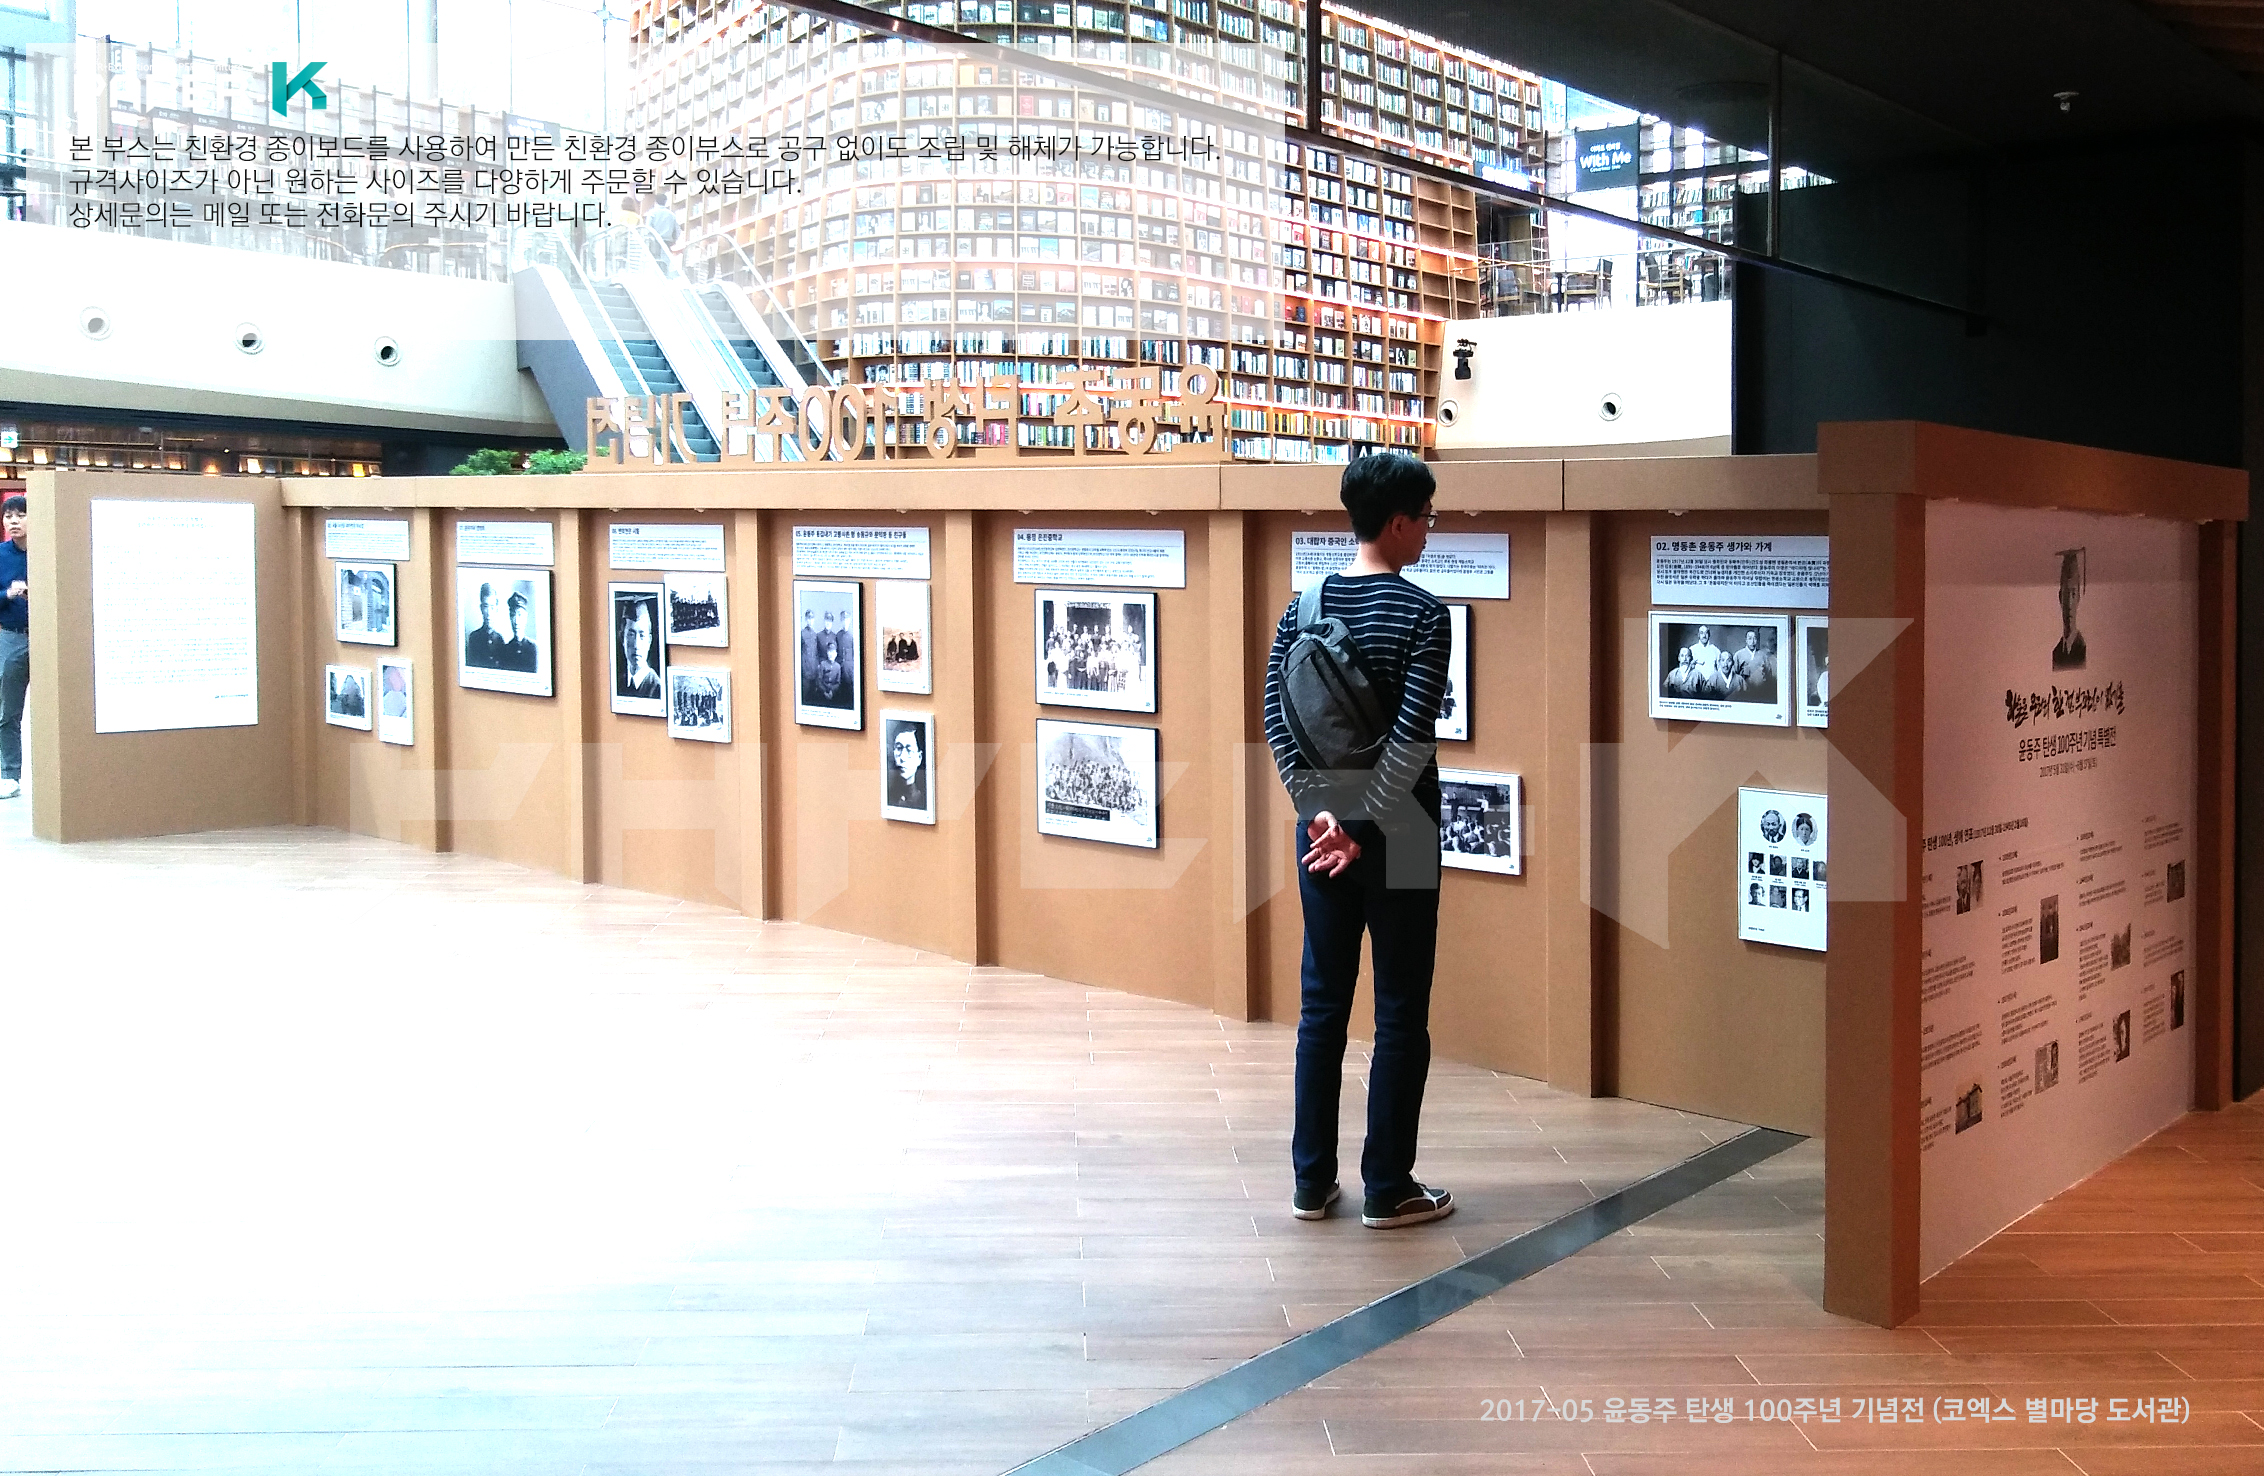 2017-05 윤동주 코엑스2